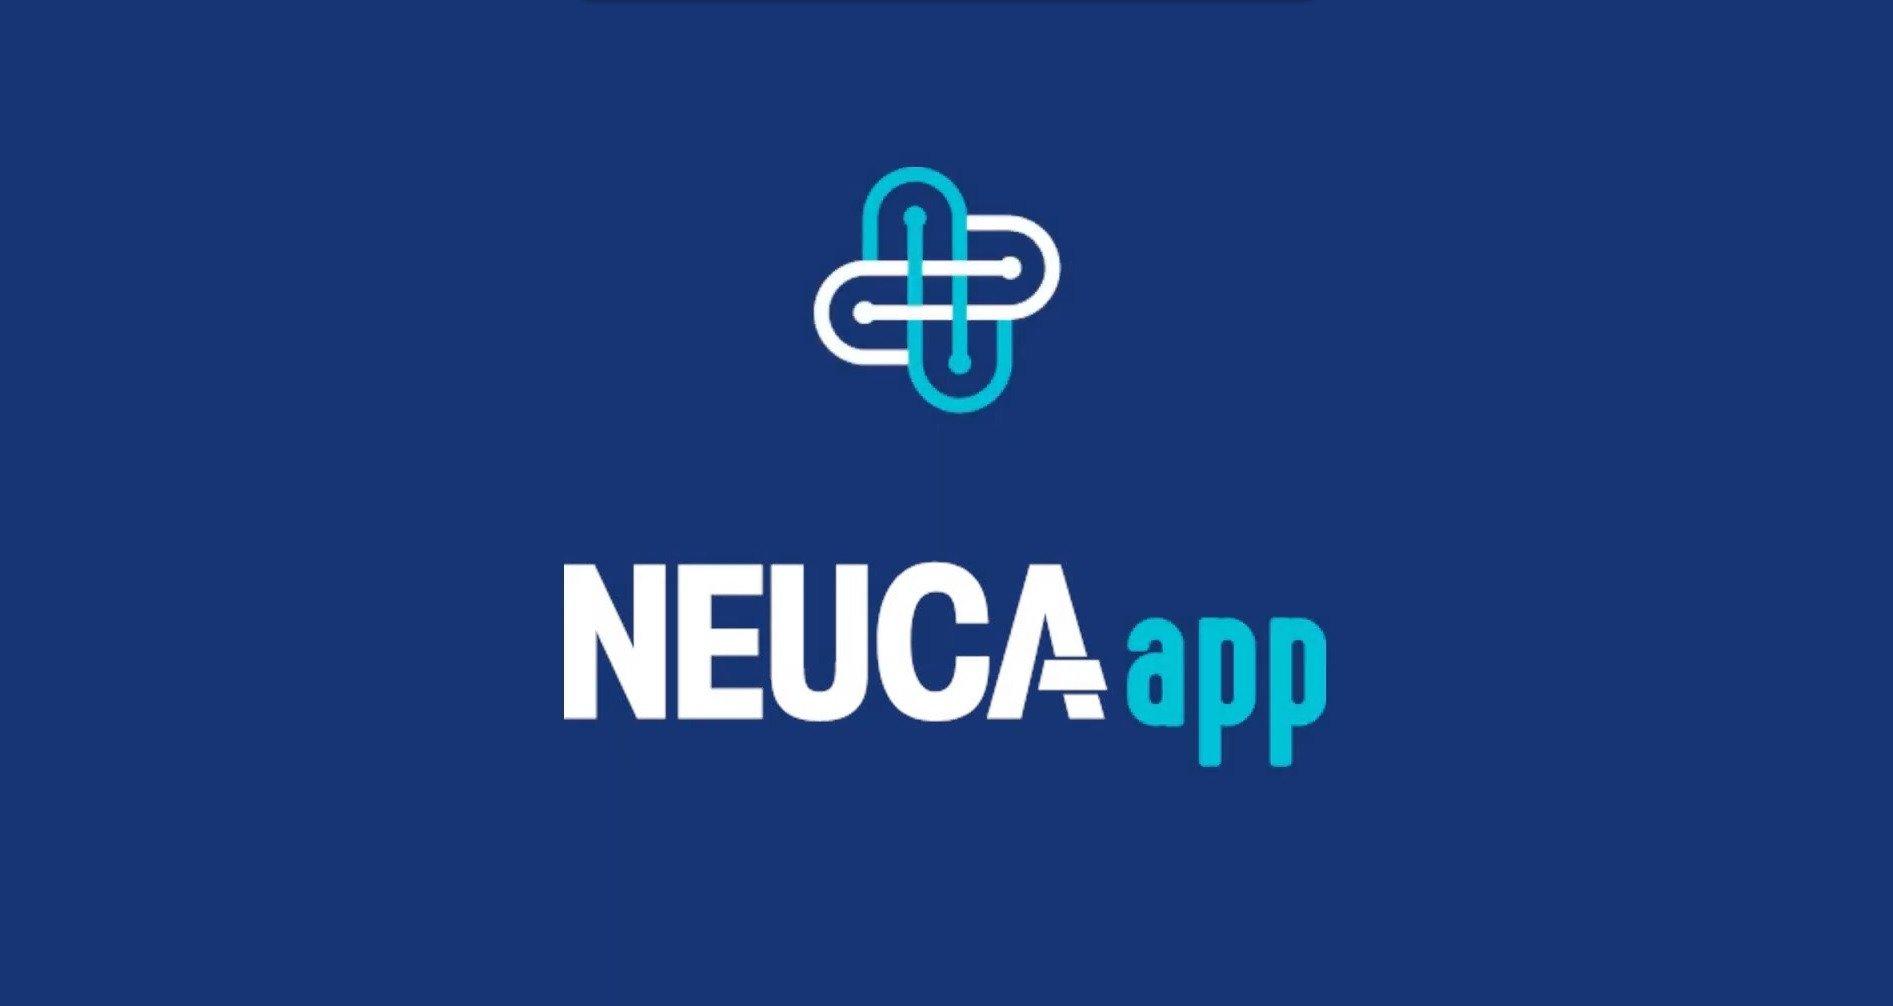 Aplikacja NEUCAapp - bezpieczne dostawy z Neuca